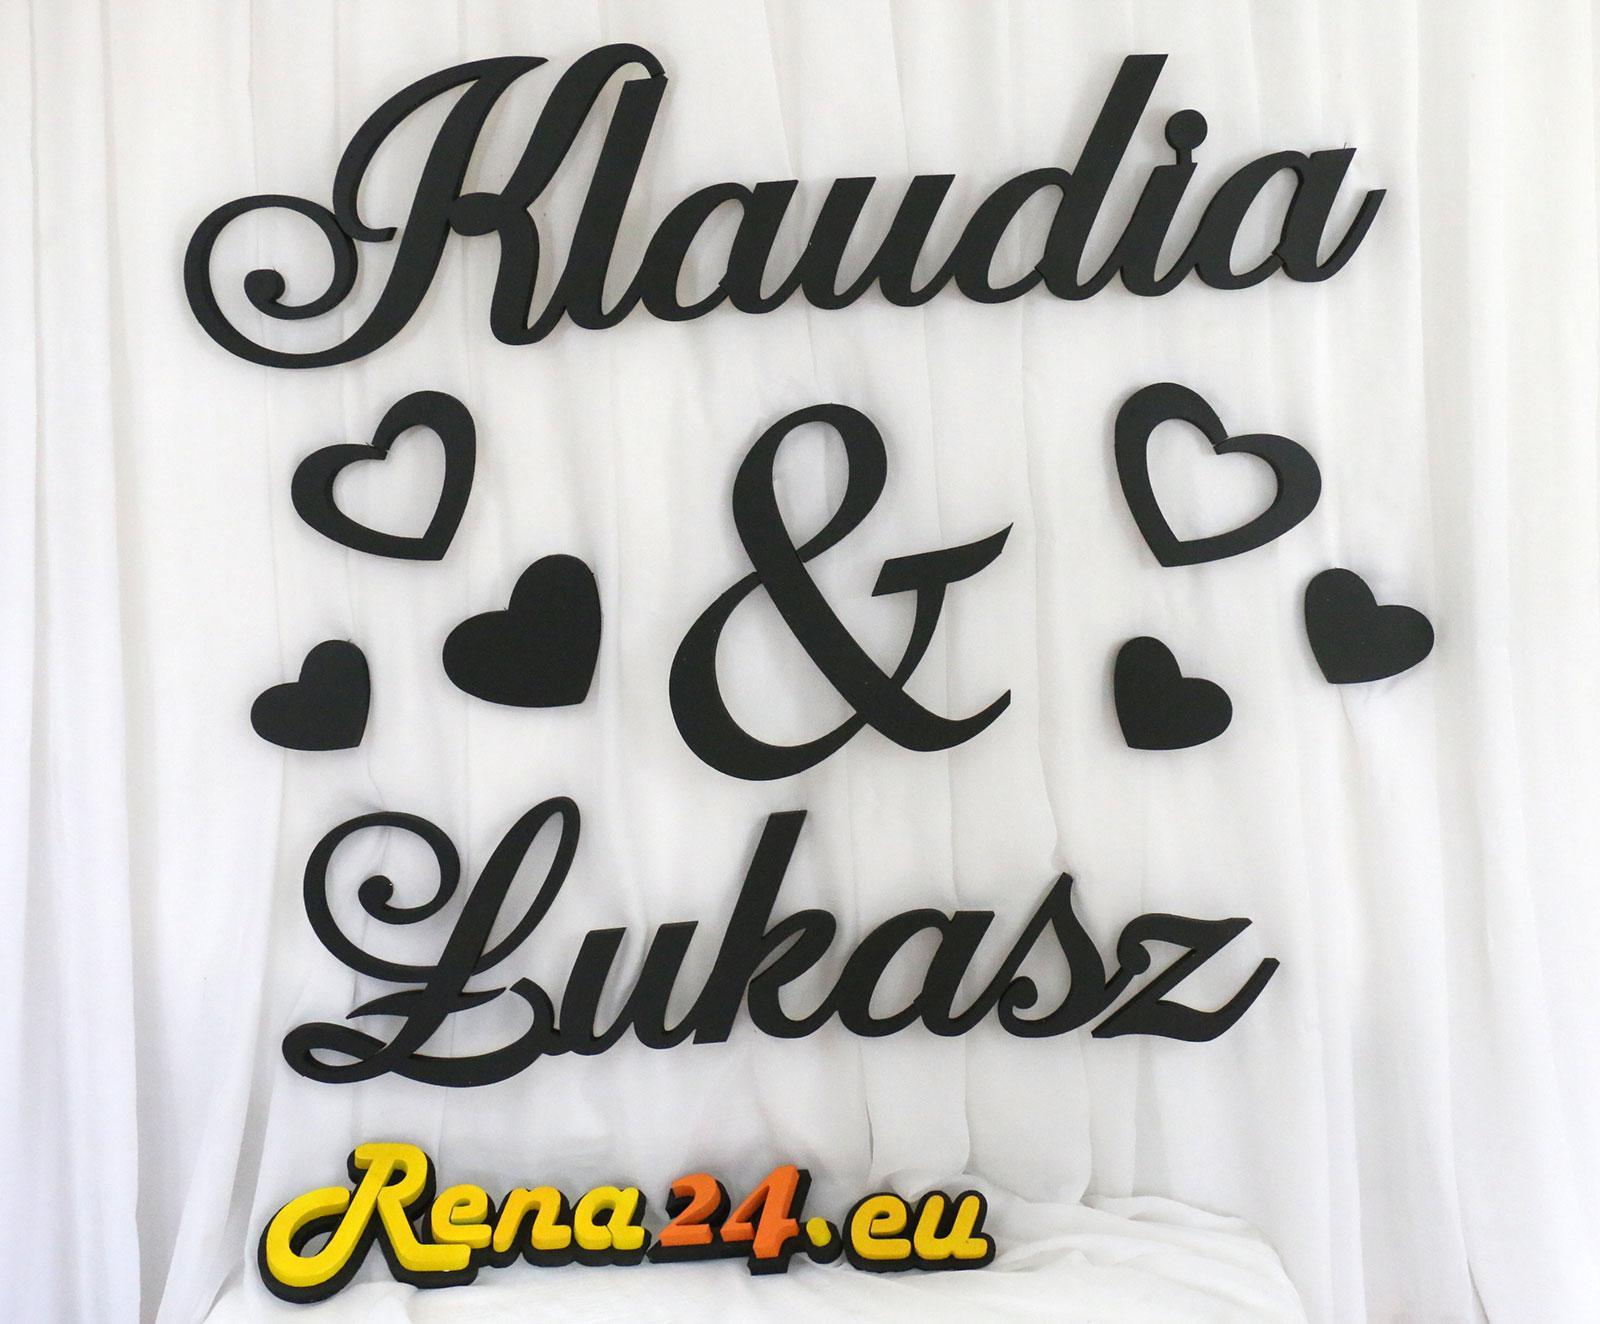 klaudia_lukasz01